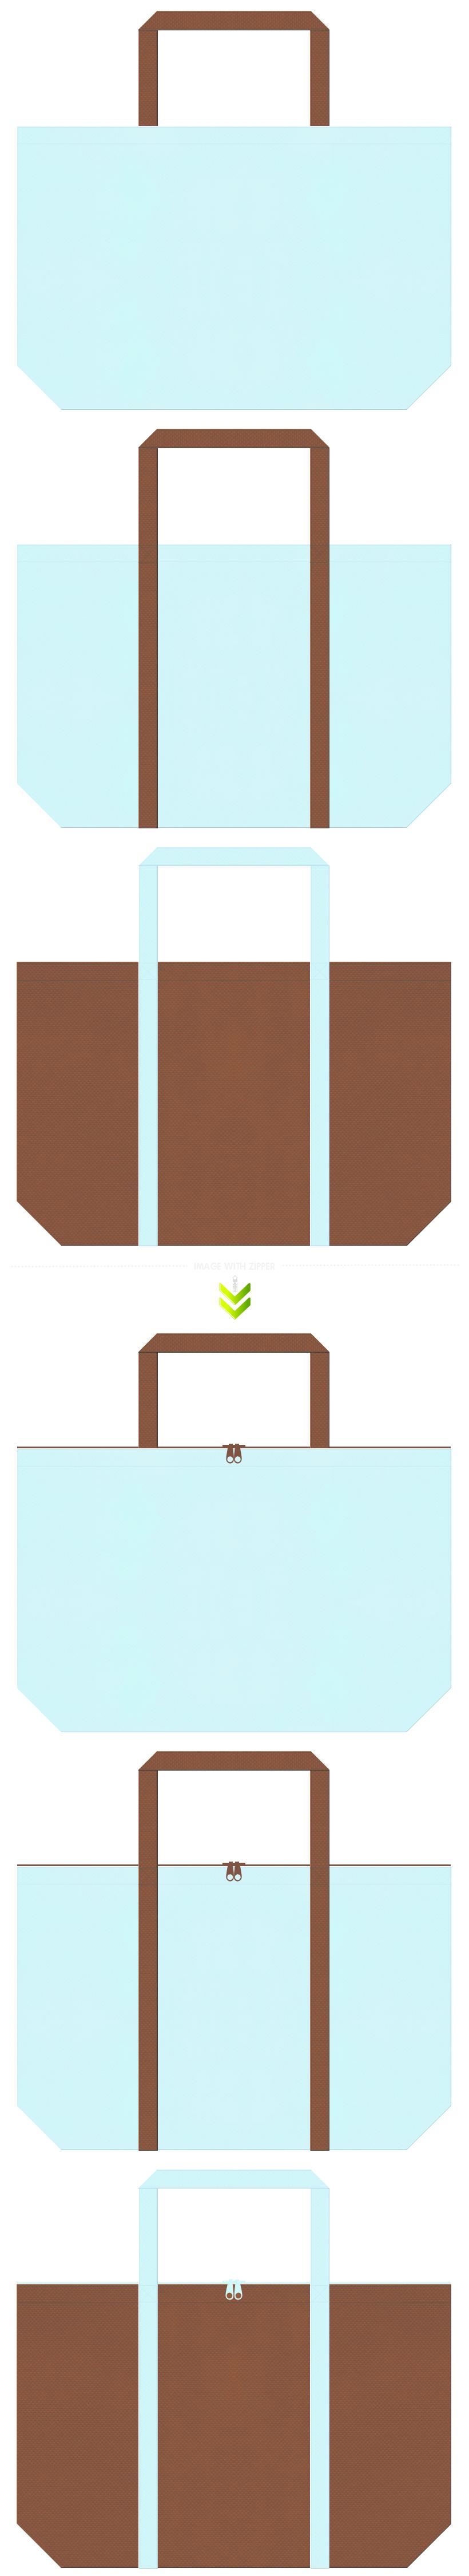 絵本・おとぎ話・ロールプレイングゲーム・ミントチョコレート・ガーリーデザイン・日焼け止め・紫外線・水と環境・水資源・CO2削減・環境イベントにお奨めの不織布バッグデザイン:水色と茶色のコーデ